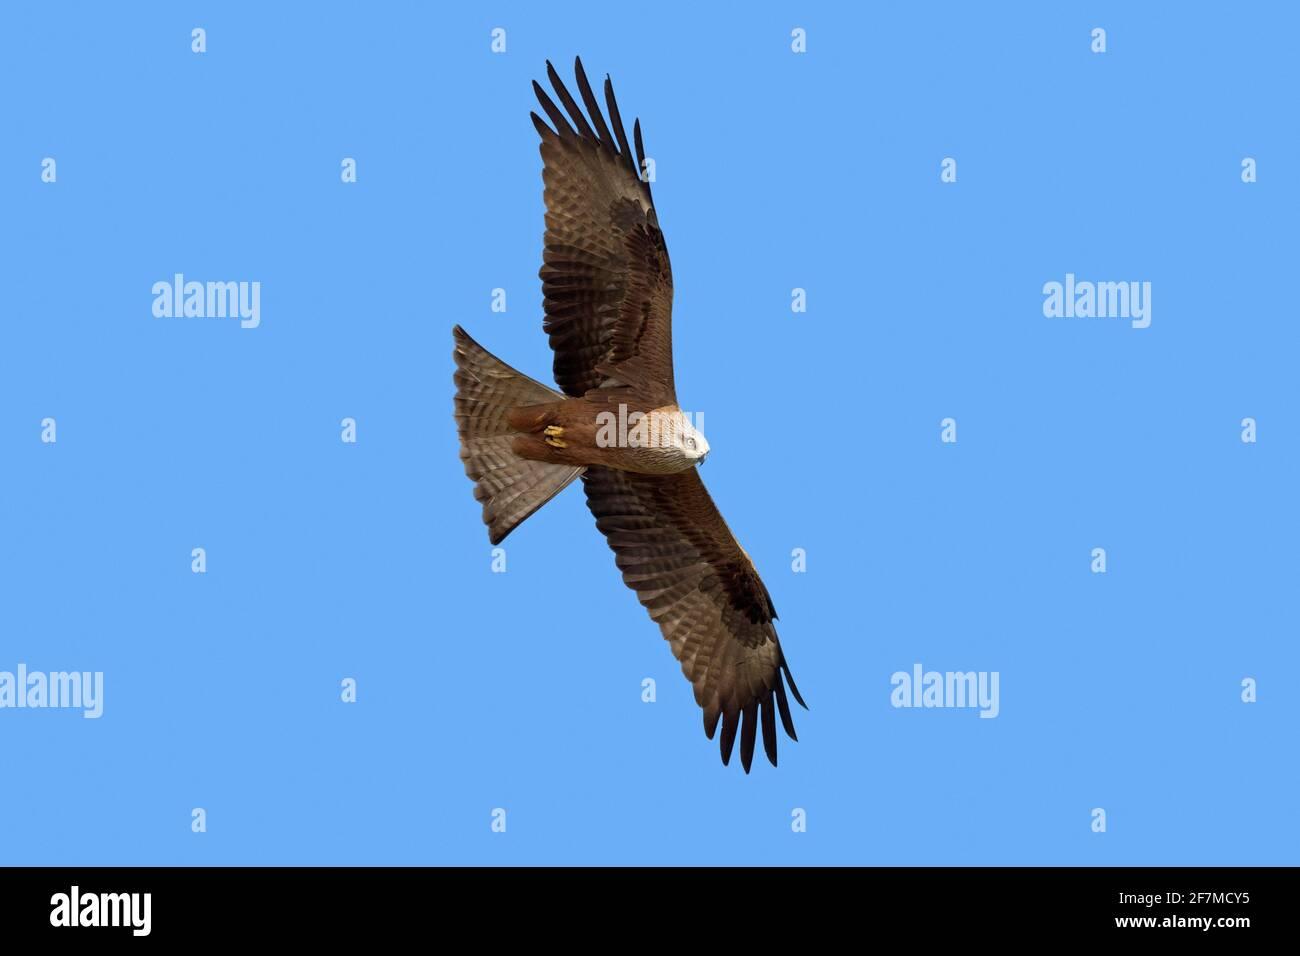 Schwarzer Drachen (Milvus migrans) im Flug, der gegen den blauen Himmel ragt Stockfoto